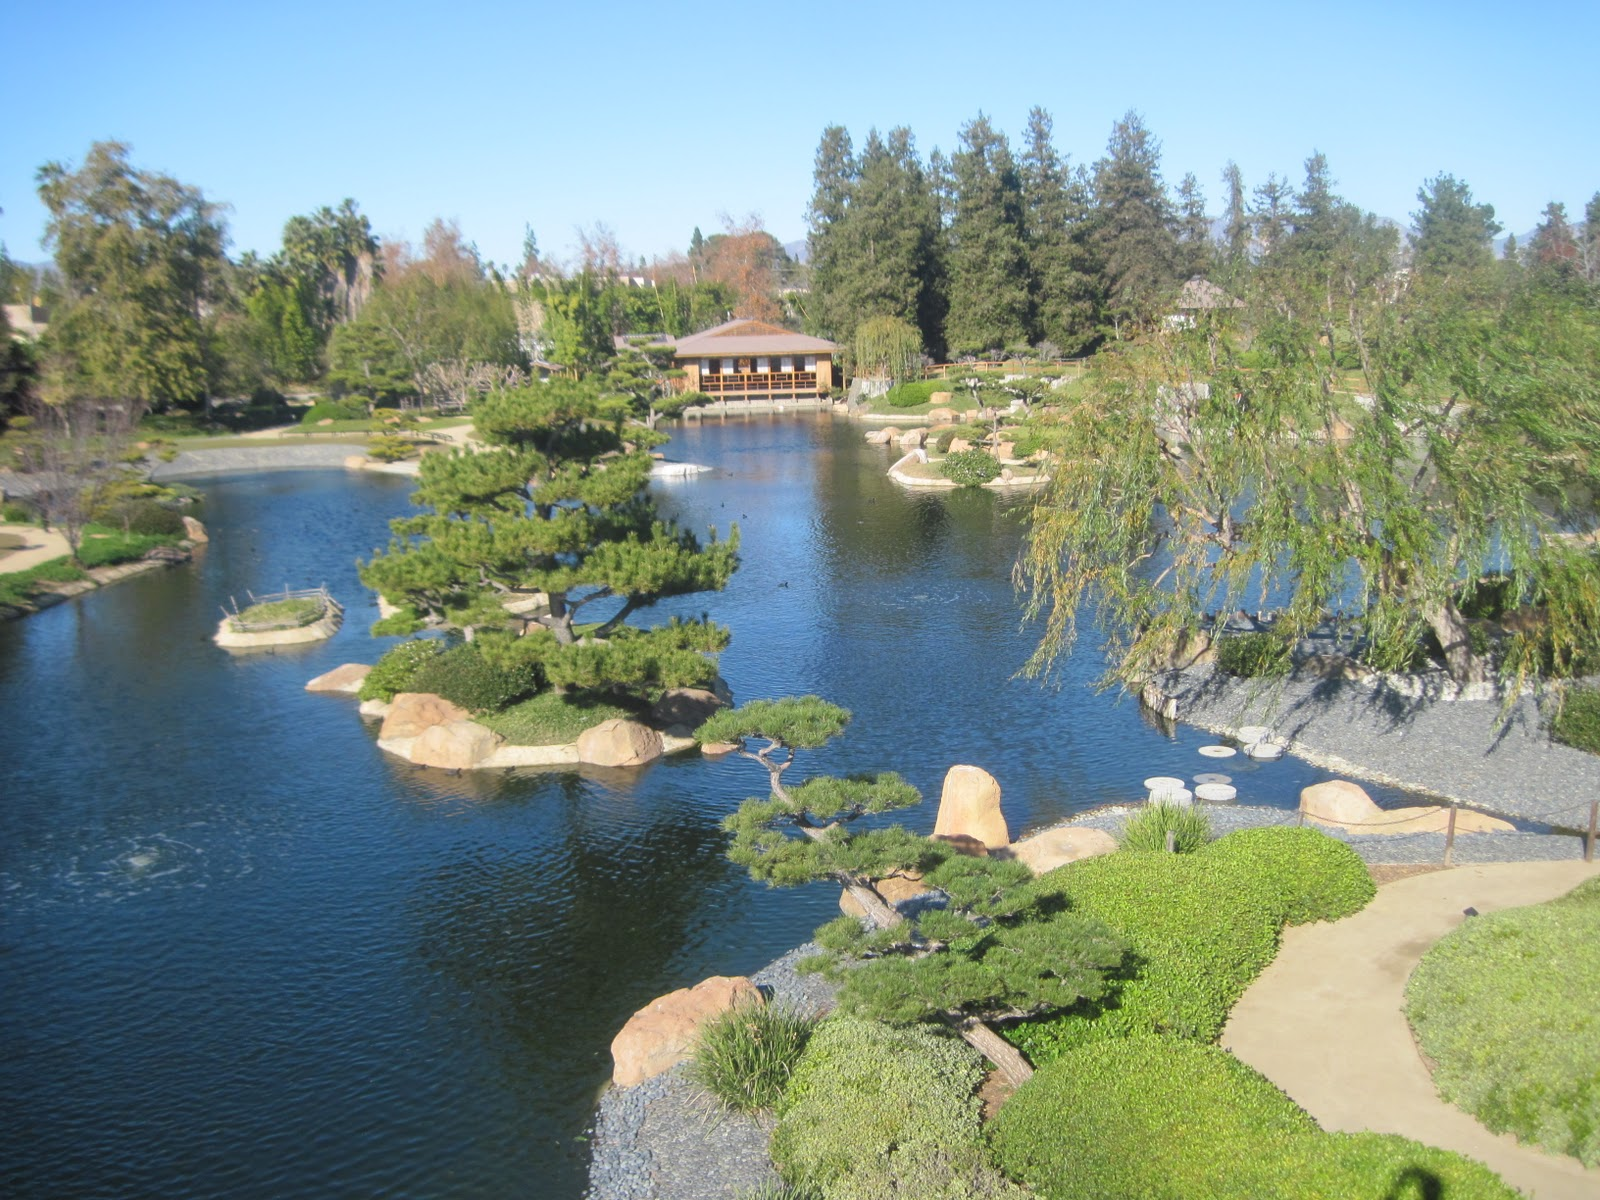 Los Angeles Japanese Garden: The Schramm Journey: Japanese Garden, Los Angeles